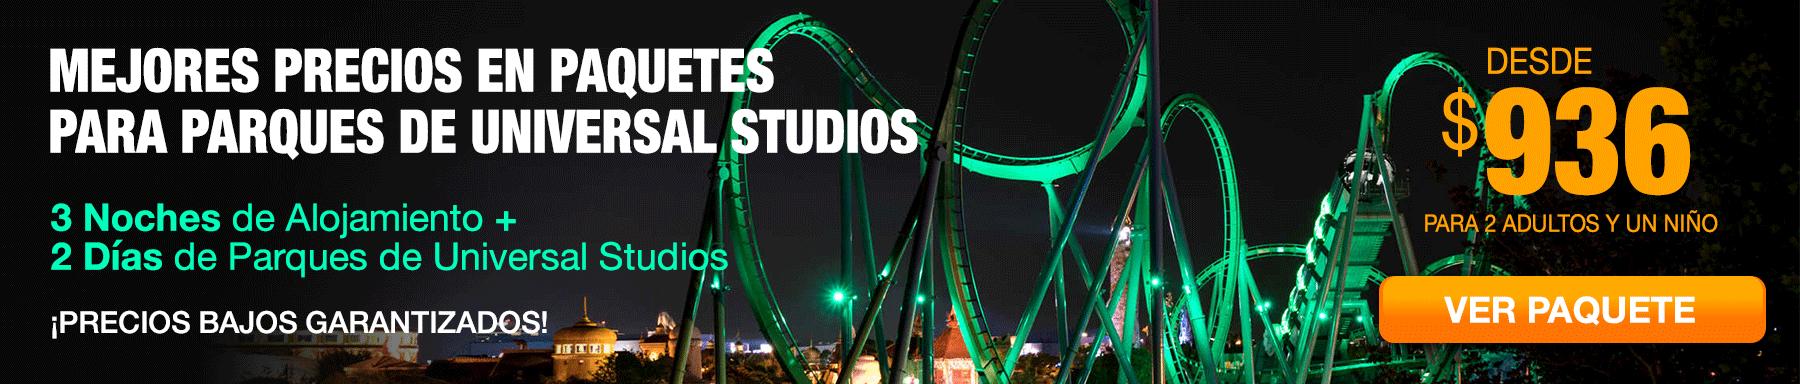 MejoresPrecios_Universal_Studios - OrlandoVacation